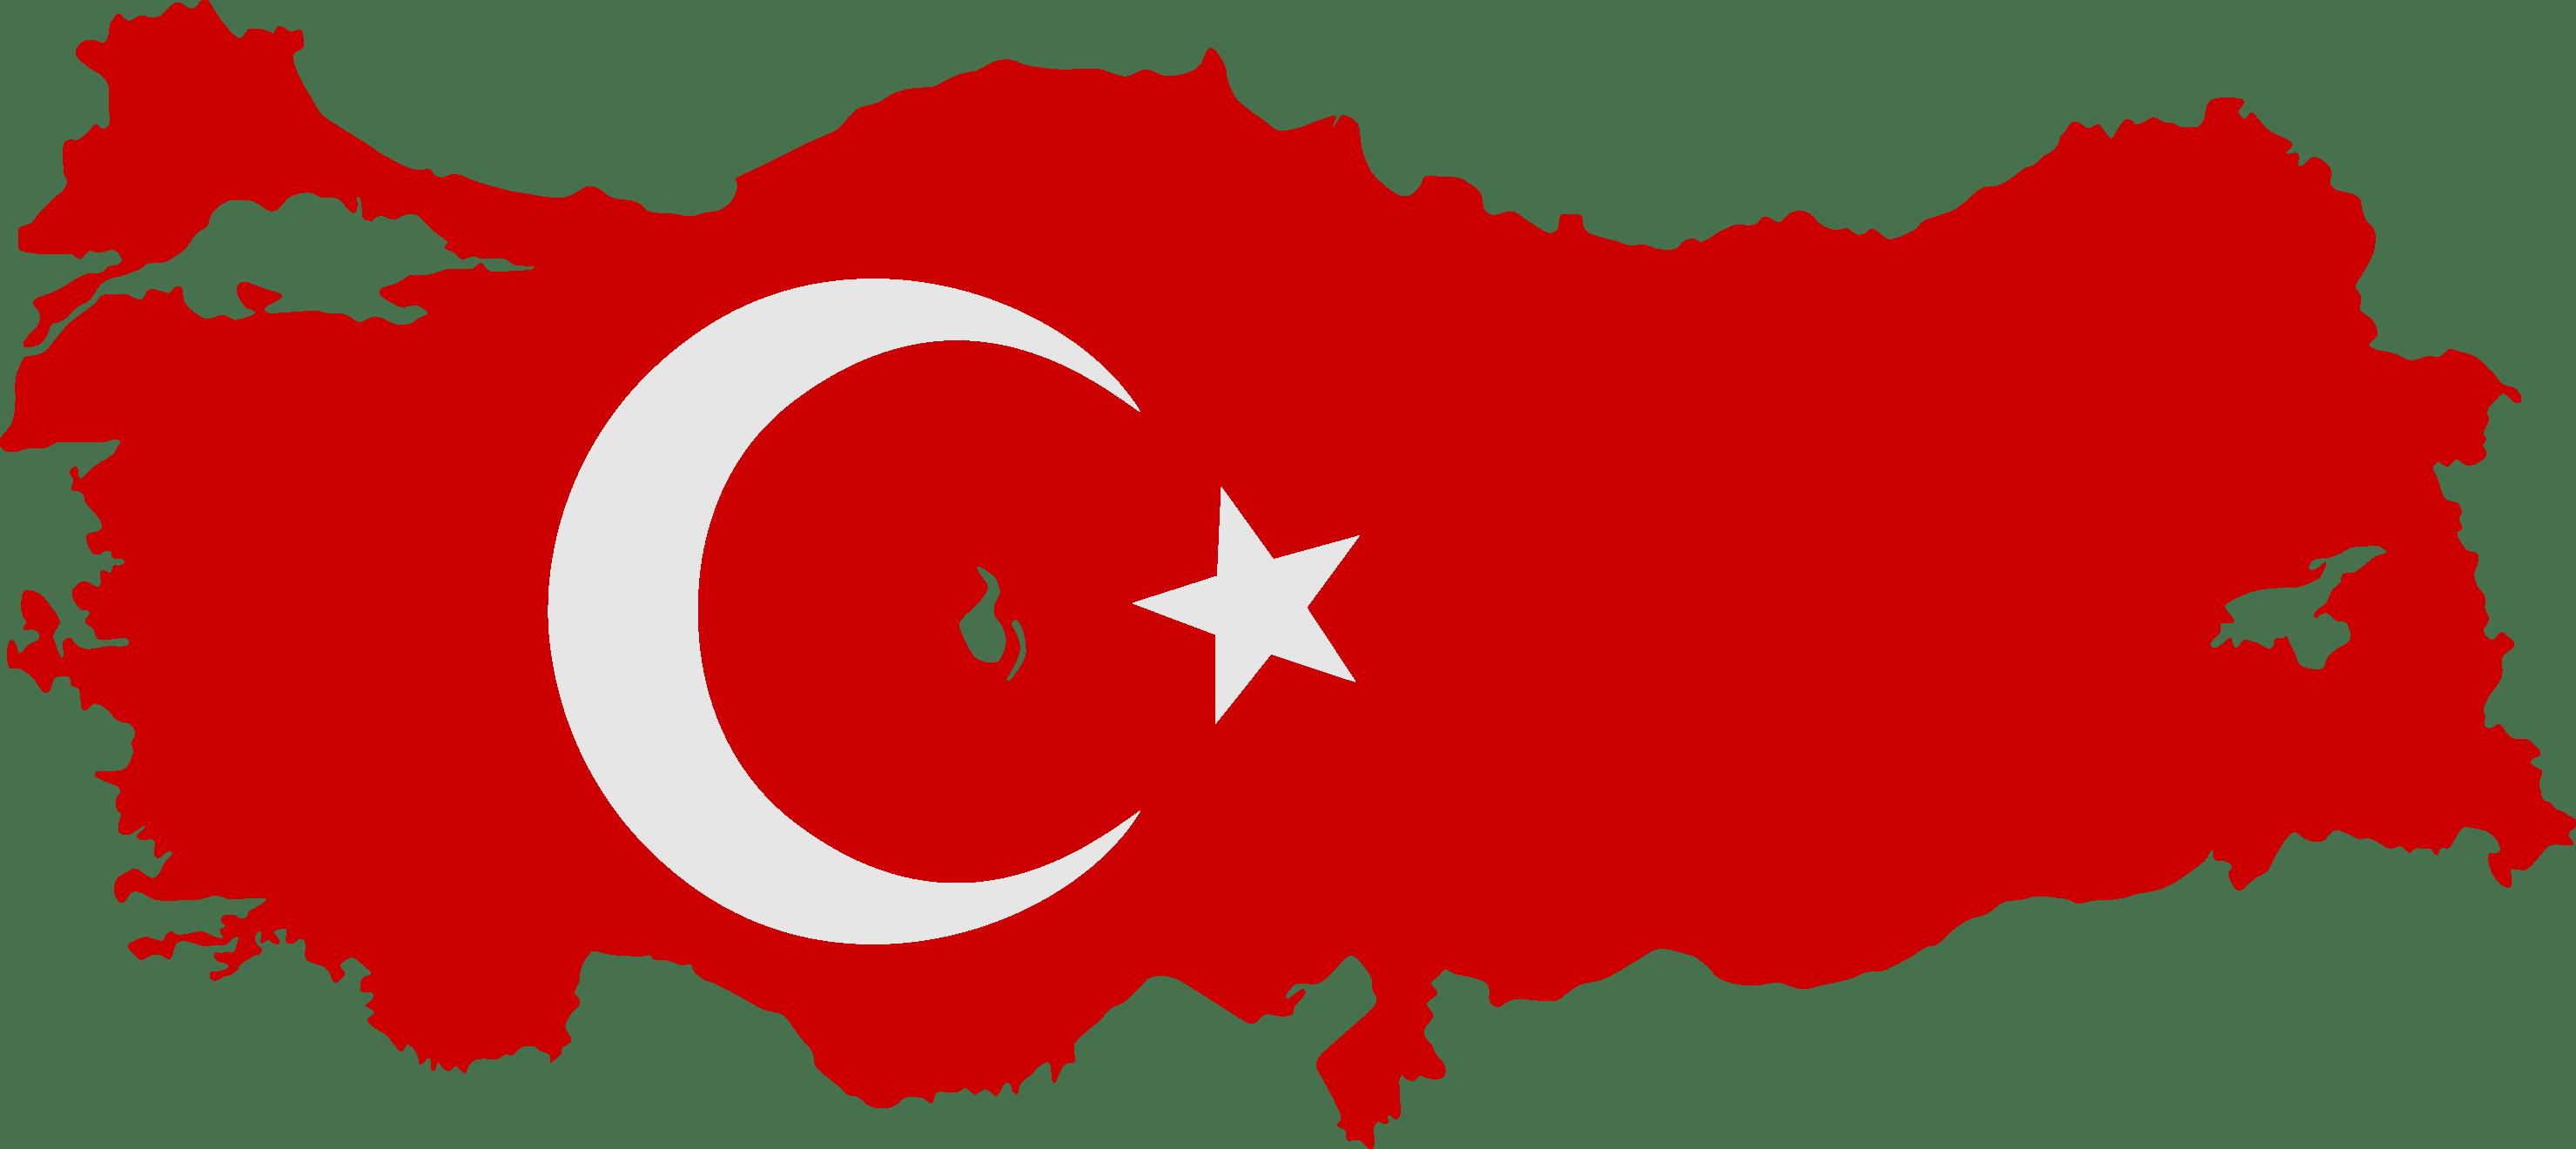 Turkey Symbols Collection [Türkiye Bayrakları   EPS File] png